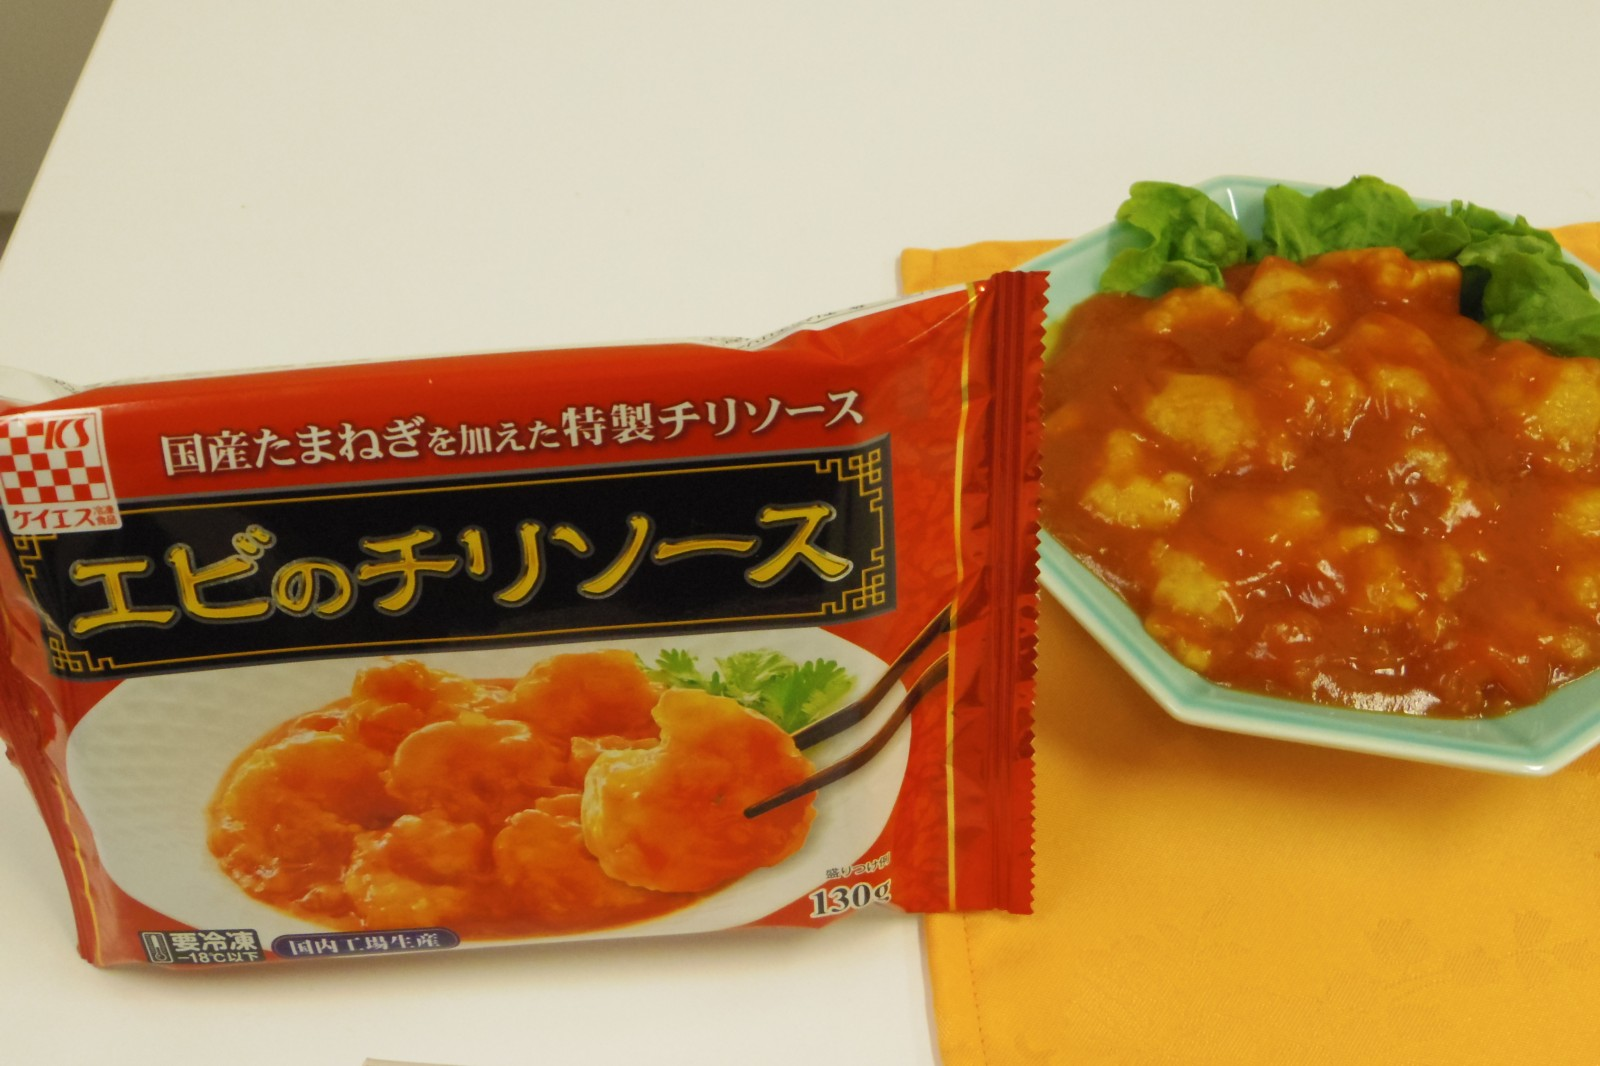 リピート率78%を誇る伝統メニューを発売33年で大胆にリニューアル。ケイエス冷凍食品「エビのチリソース」